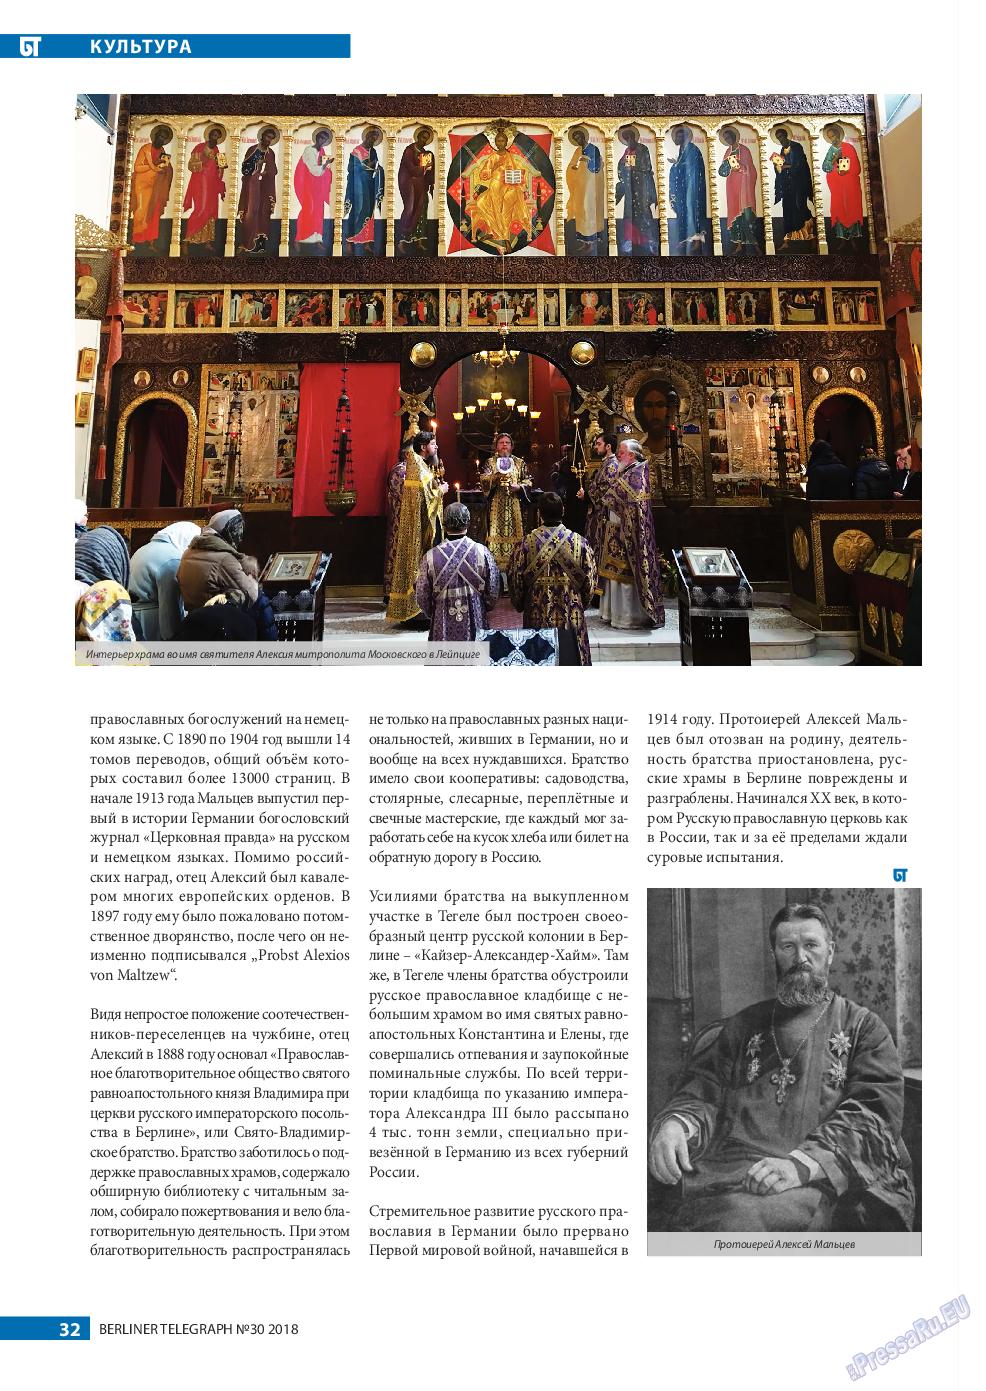 Берлинский телеграф (журнал). 2018 год, номер 30, стр. 32